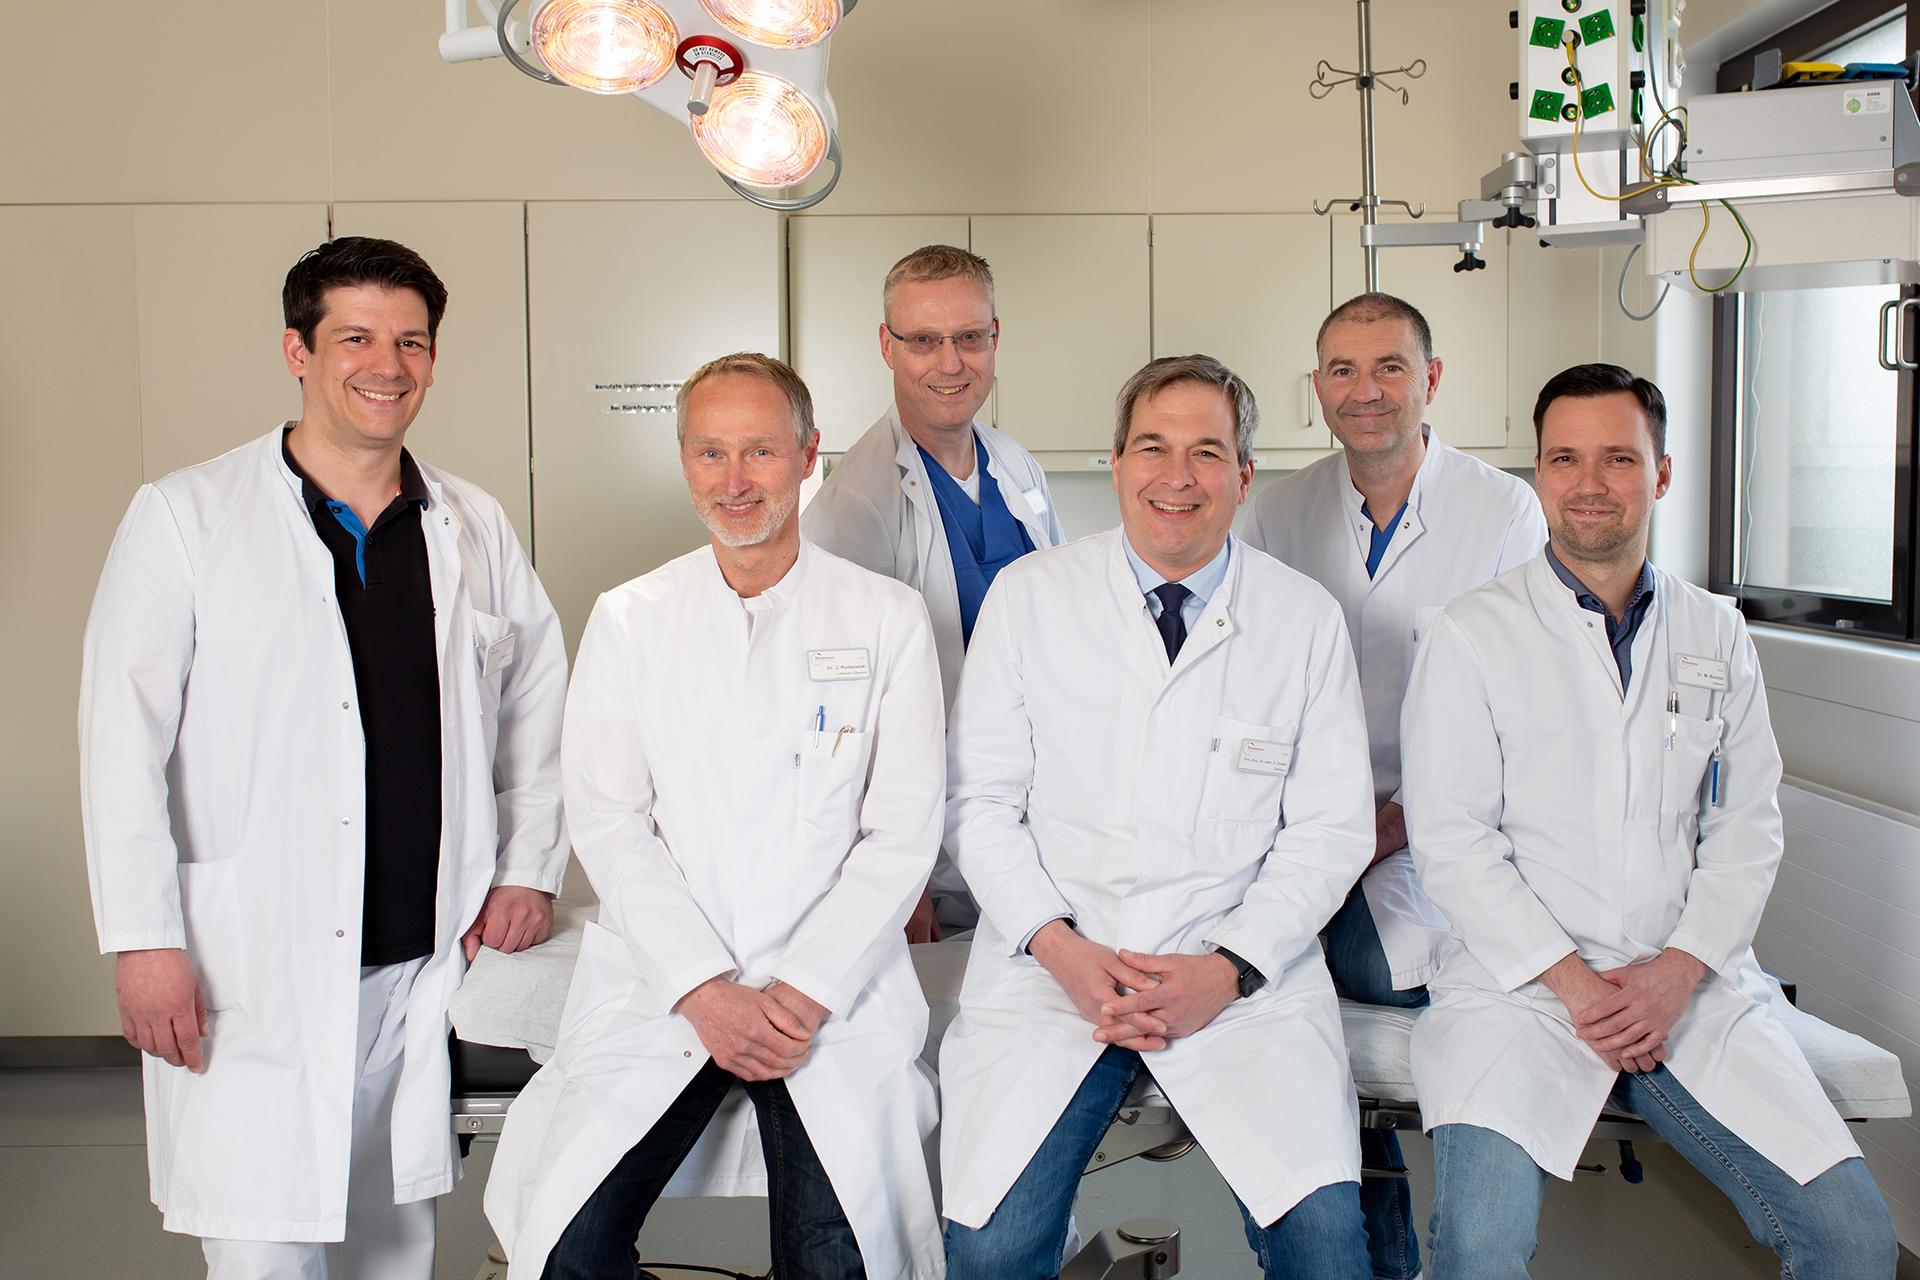 Krankenhaus Wermelskirchen GmbH - Medizin. Orthopädie ...